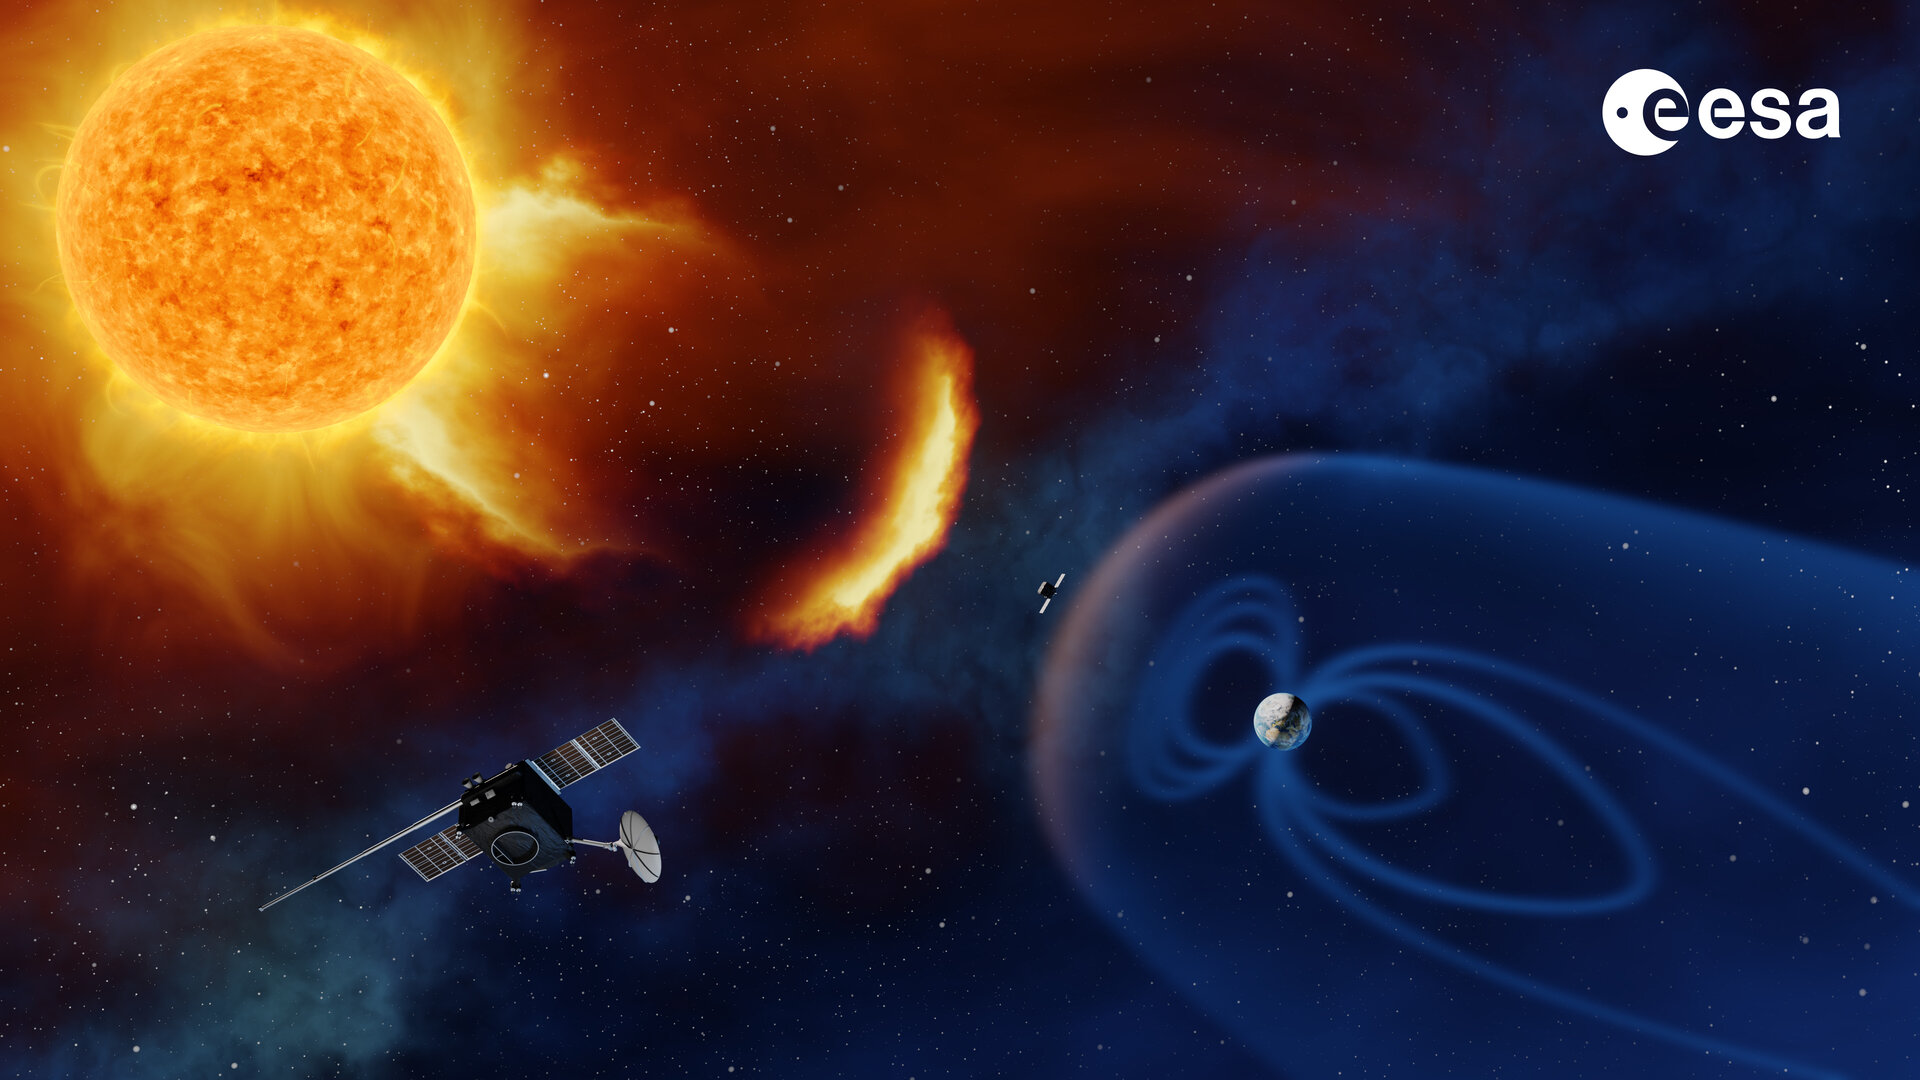 युरोपेली अन्तरिक्ष एजेन्सीको नयाँ स्पेसक्राफ्टको लागि नाम दिनुहोस् र पुरस्कार जित्नुहोस्